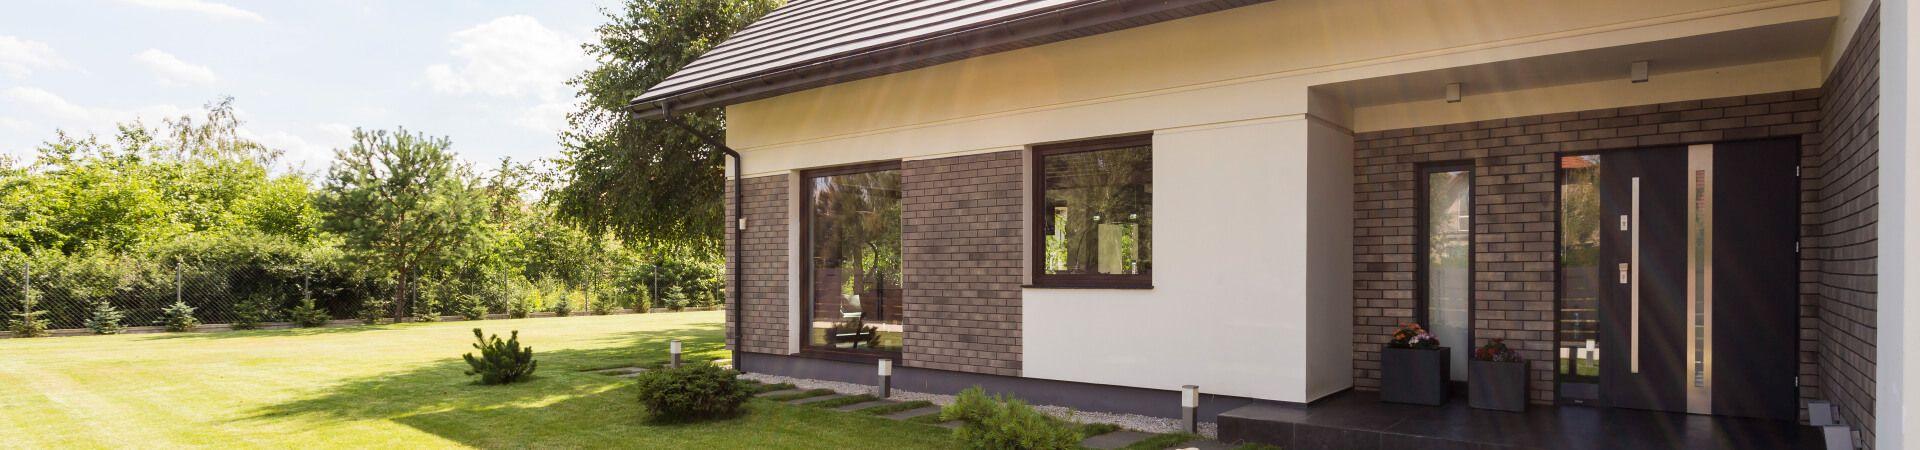 Individueller Eigenheimbau, Mauerwerksabdichtung, Fassadensanierung